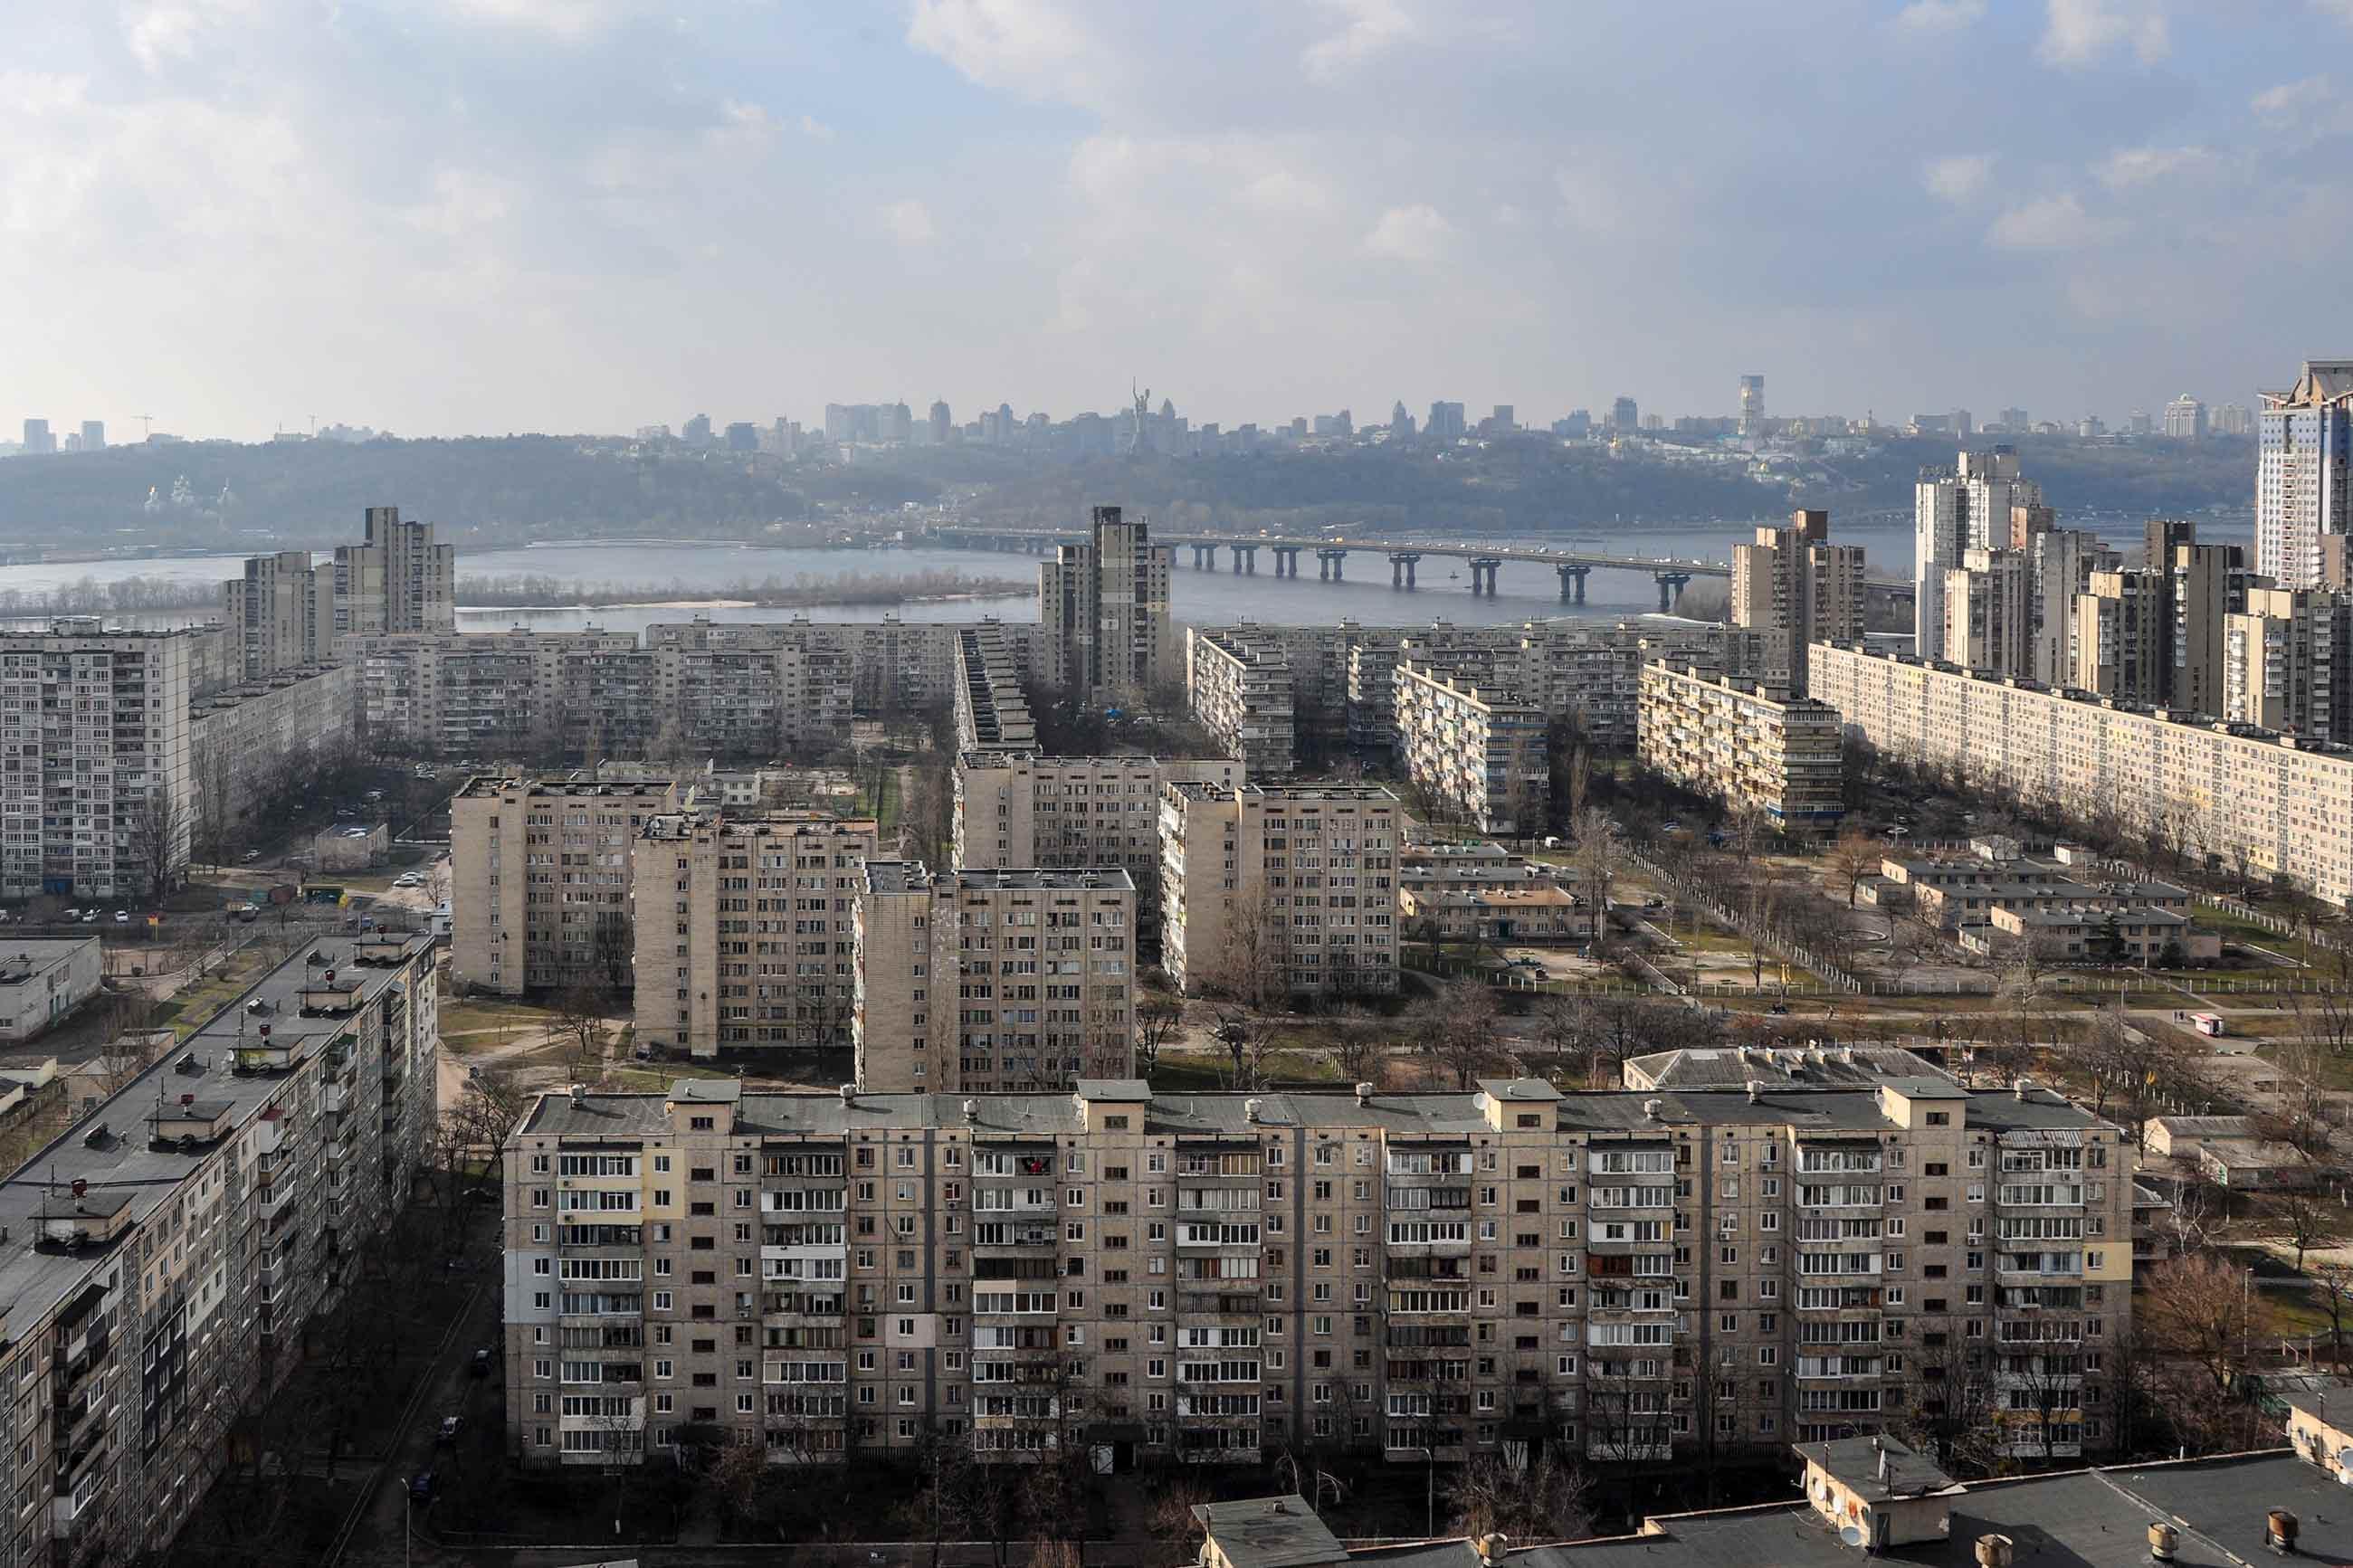 bereznyak - <b>Ради массового жилья в Киеве уничтожили десятки поселений.</b> Рассказываем, как это было - Заборона